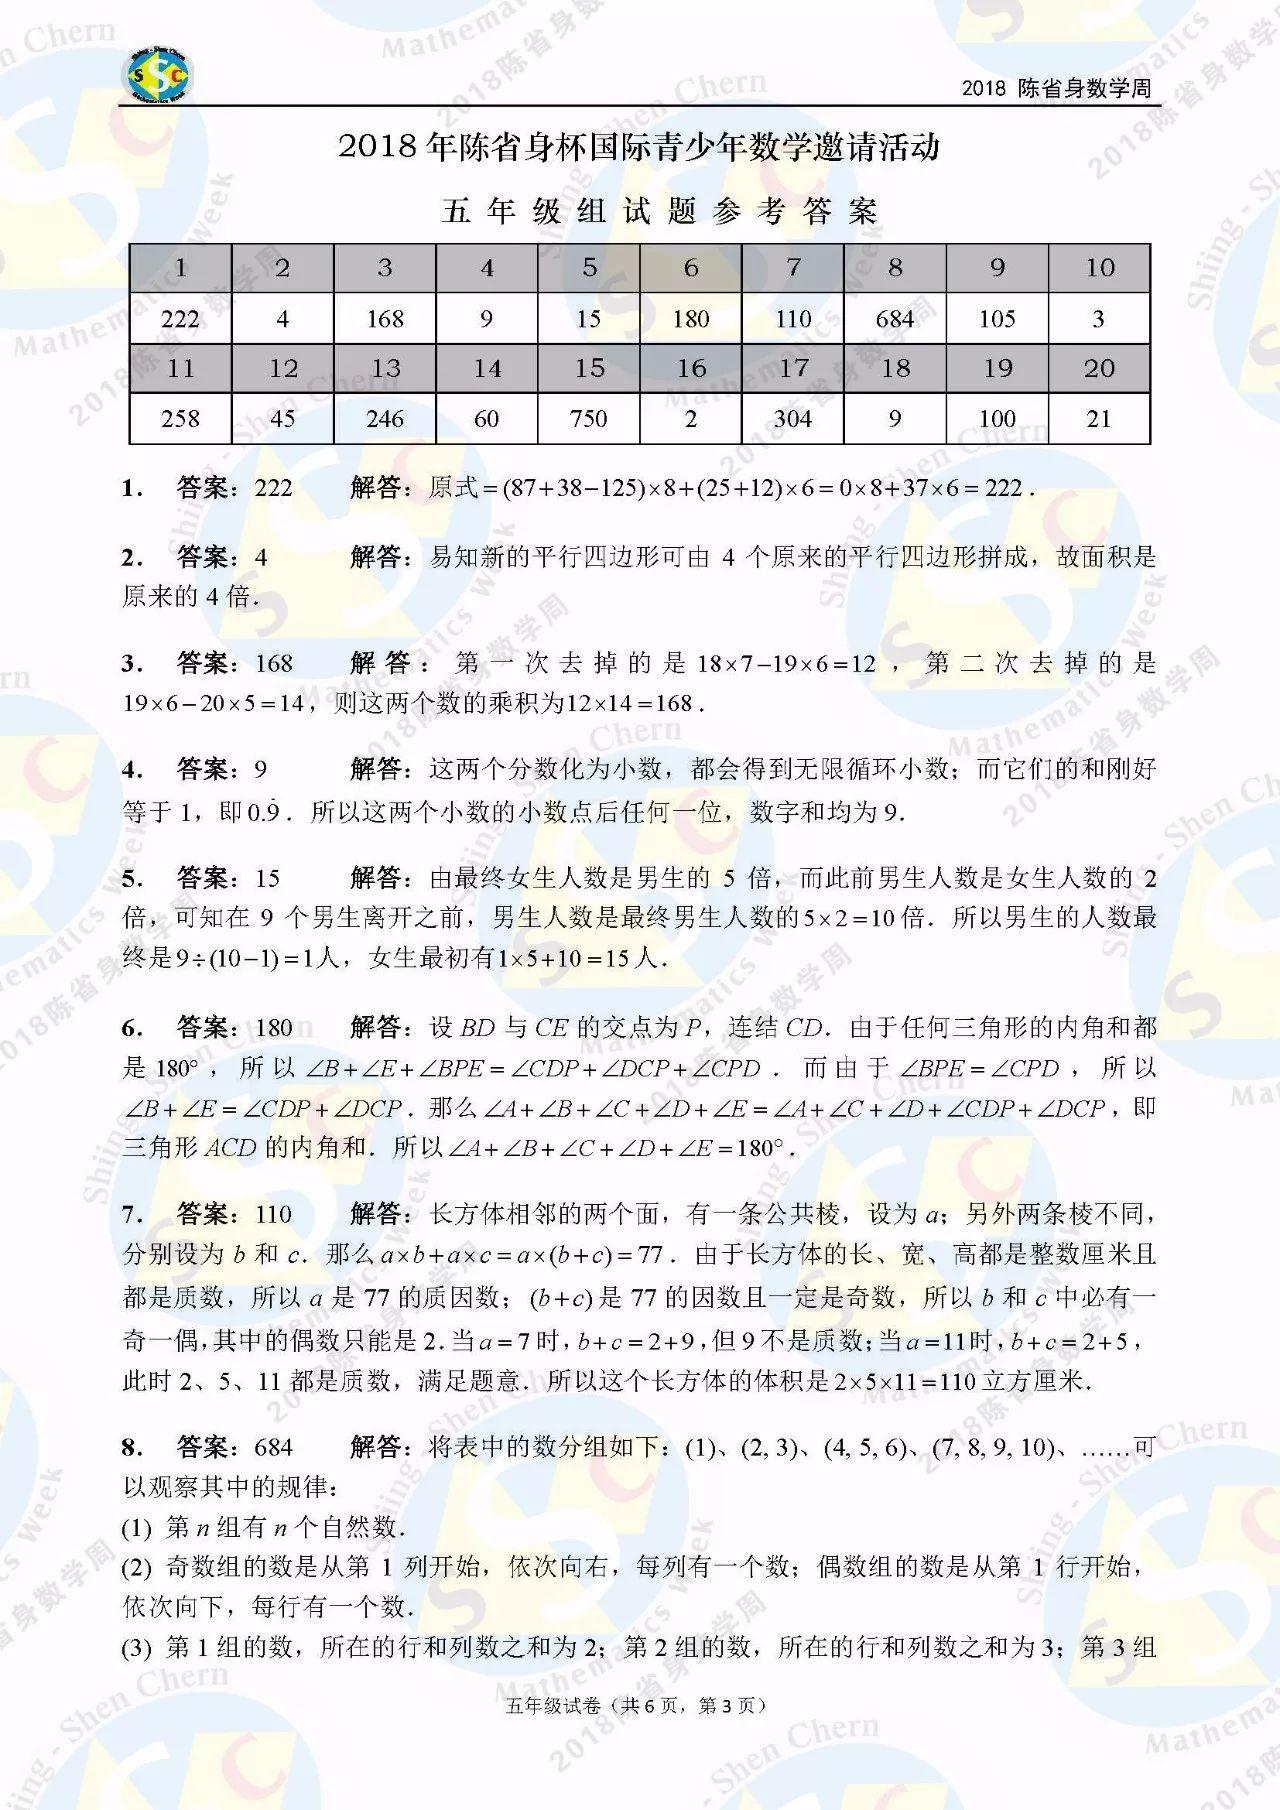 2018年陈省身杯国际青少年数学邀请赛五年级答案解析1